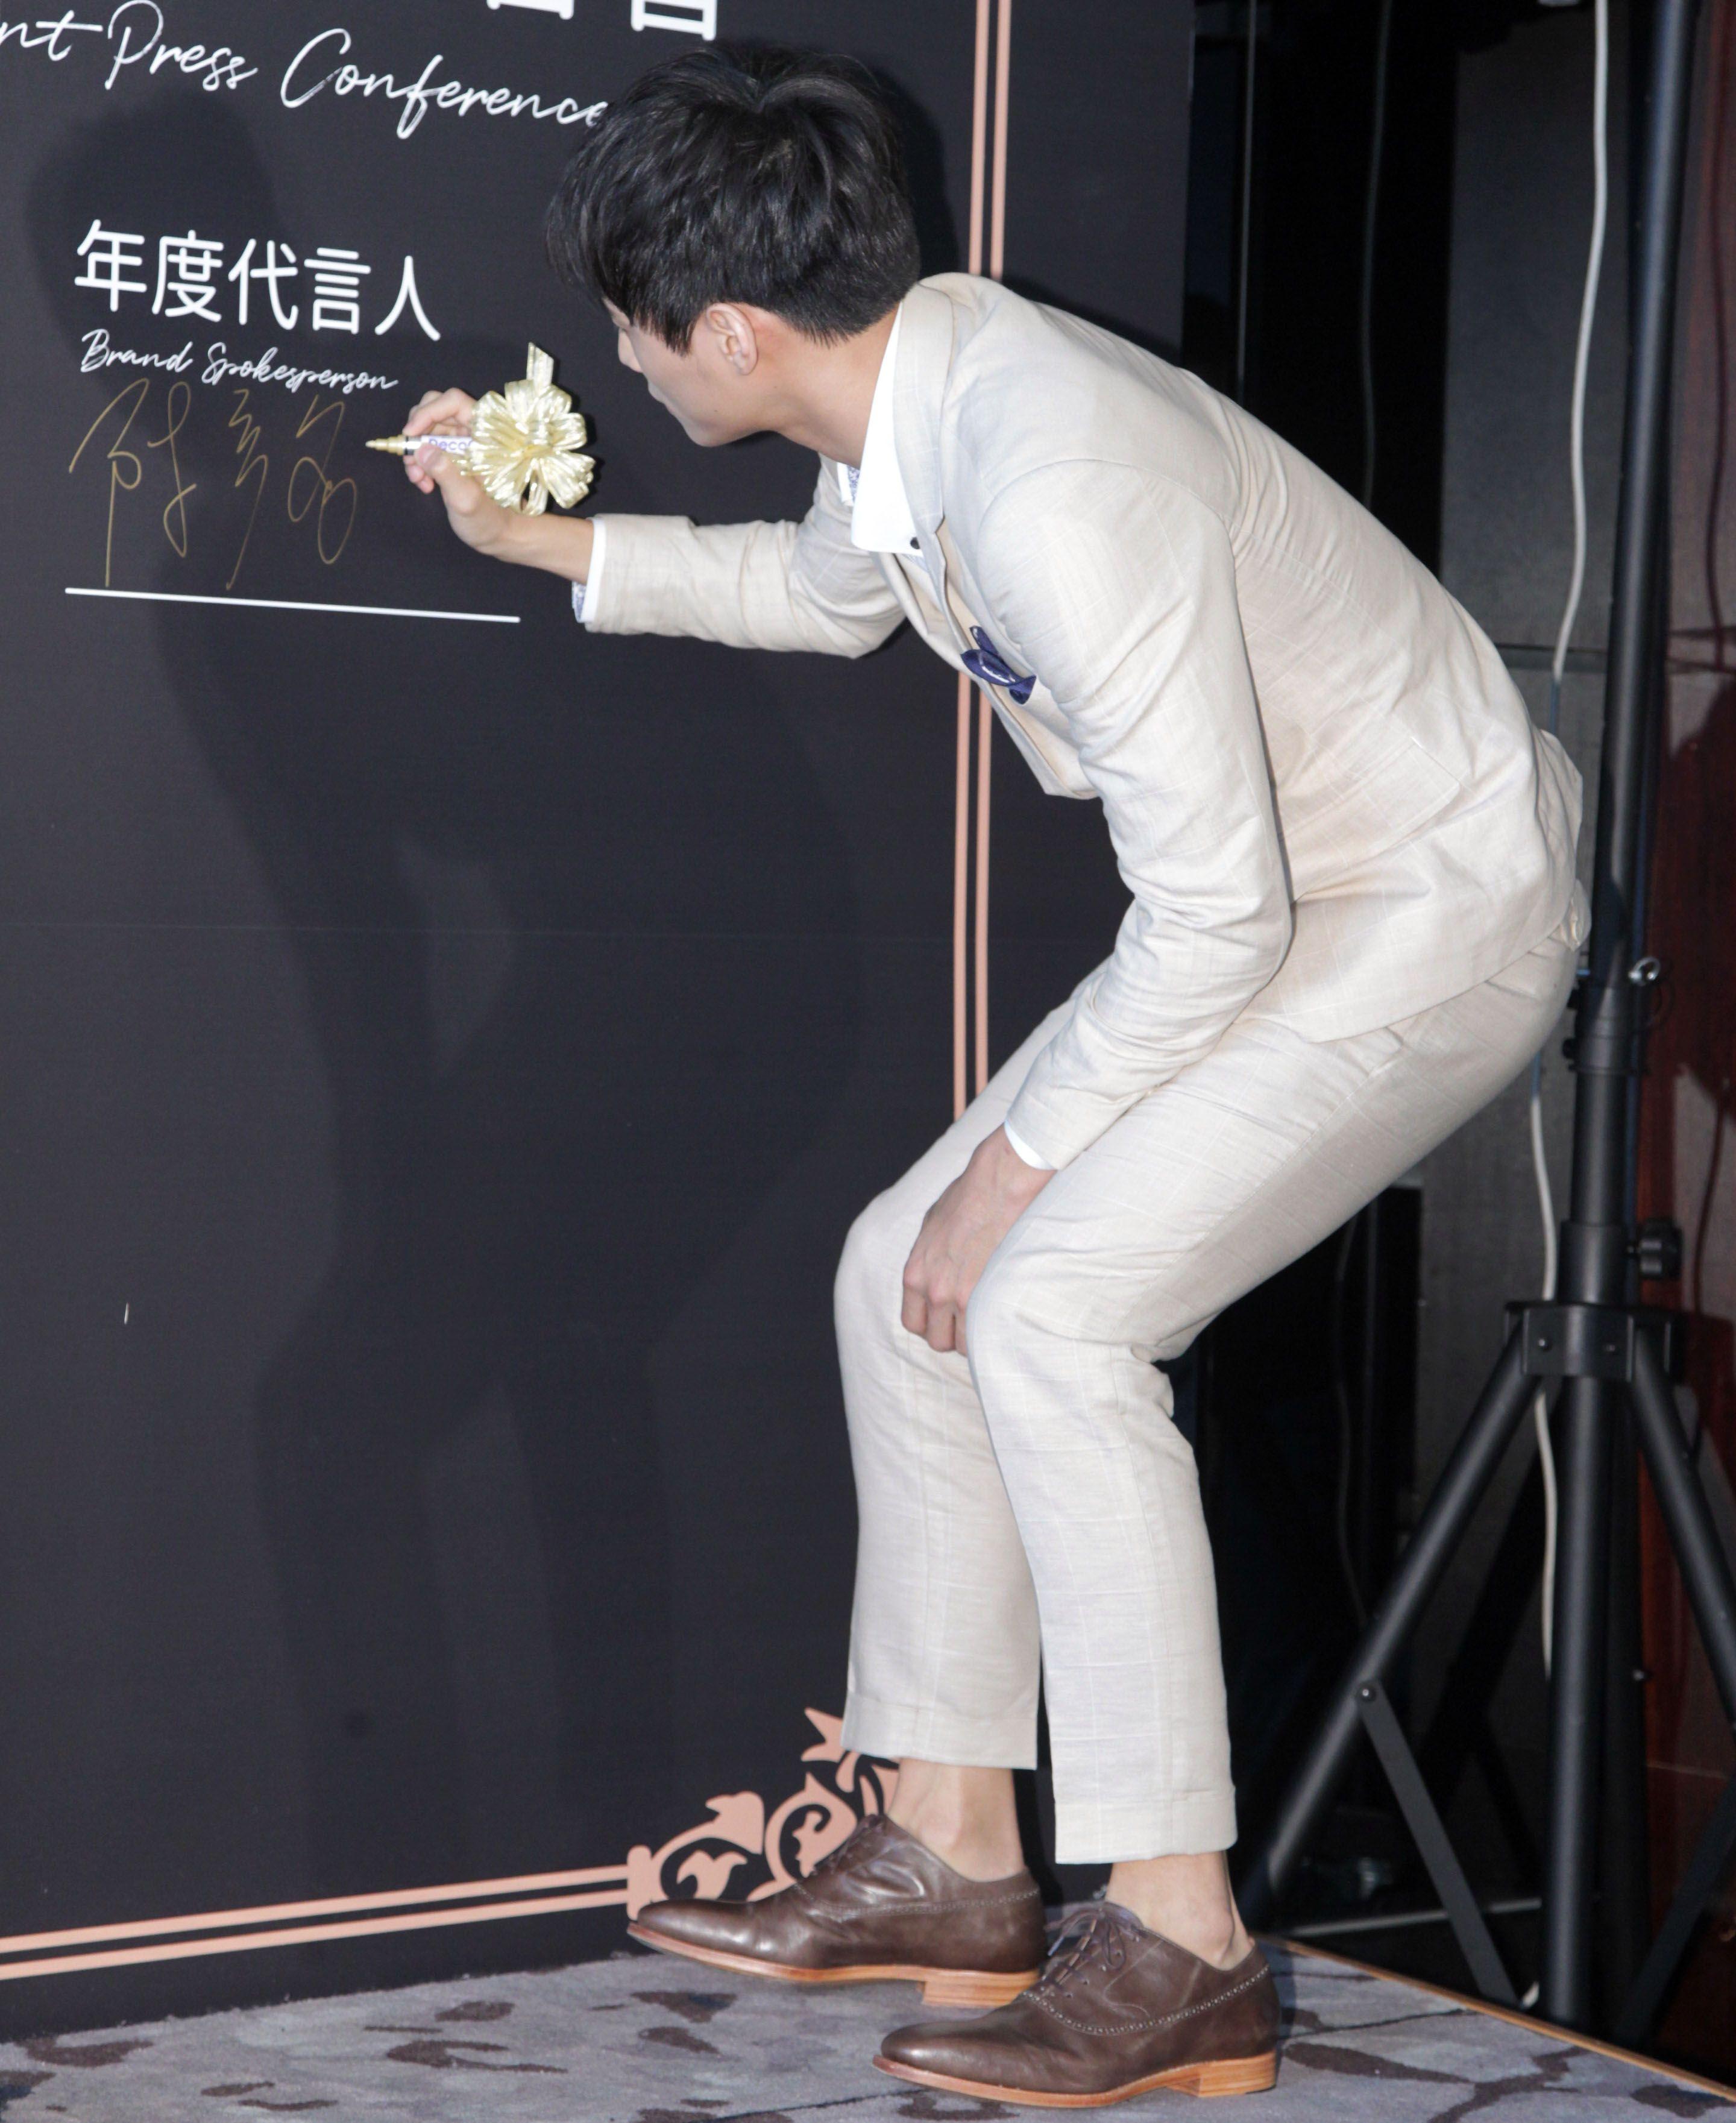 全民男友陳彥名代言冰淇淋。(記者邱榮吉/攝影)